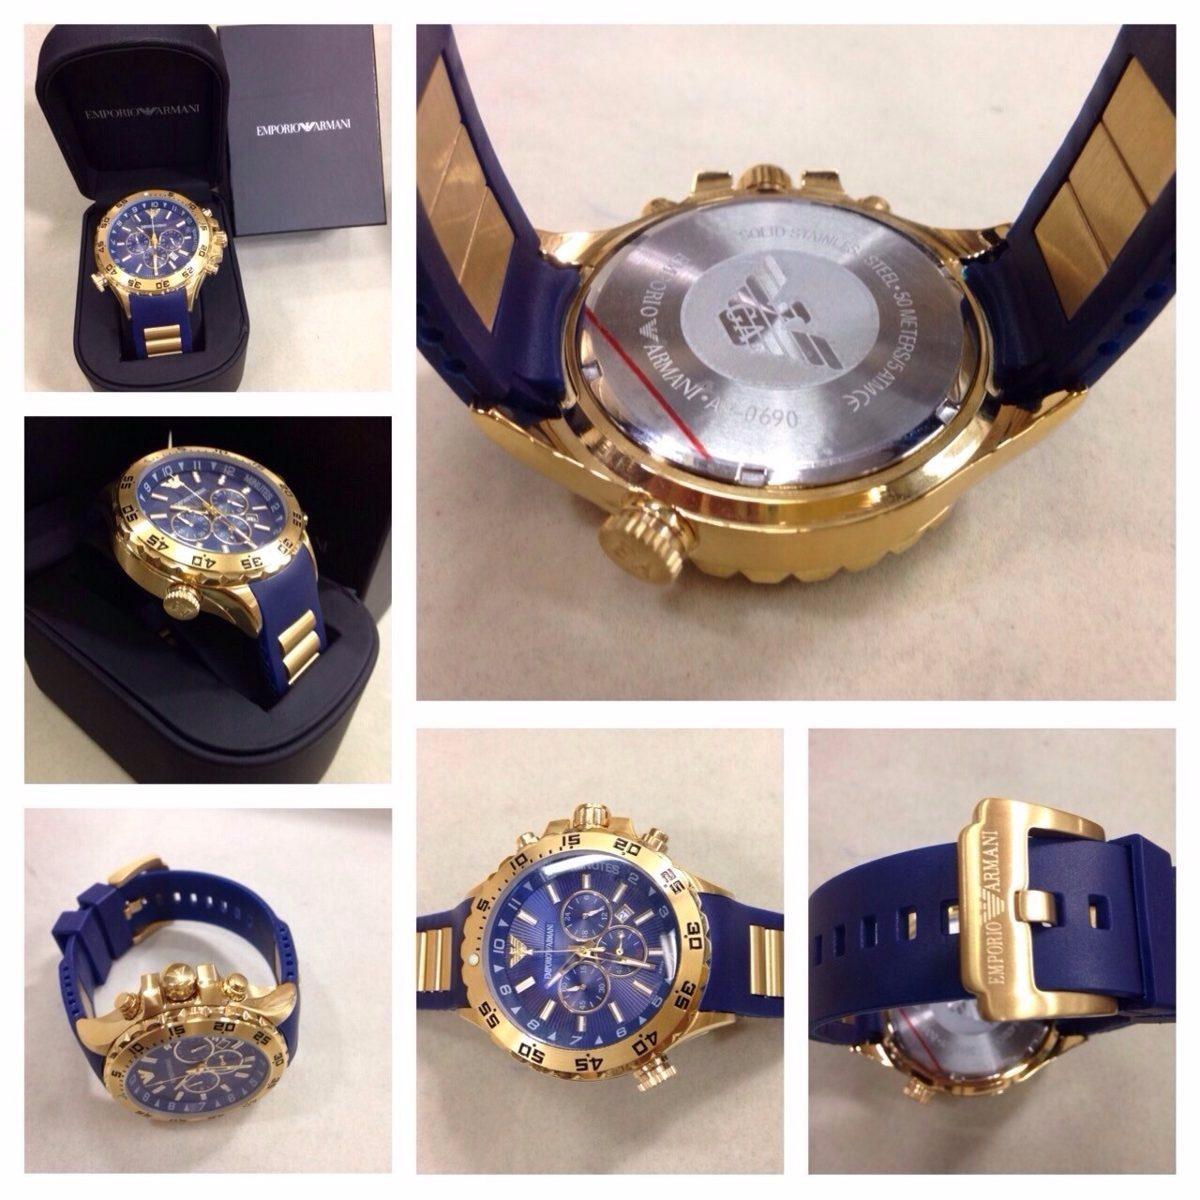 96d84bf05c1 relógio empório armani ap 0690 100% original. Carregando zoom.